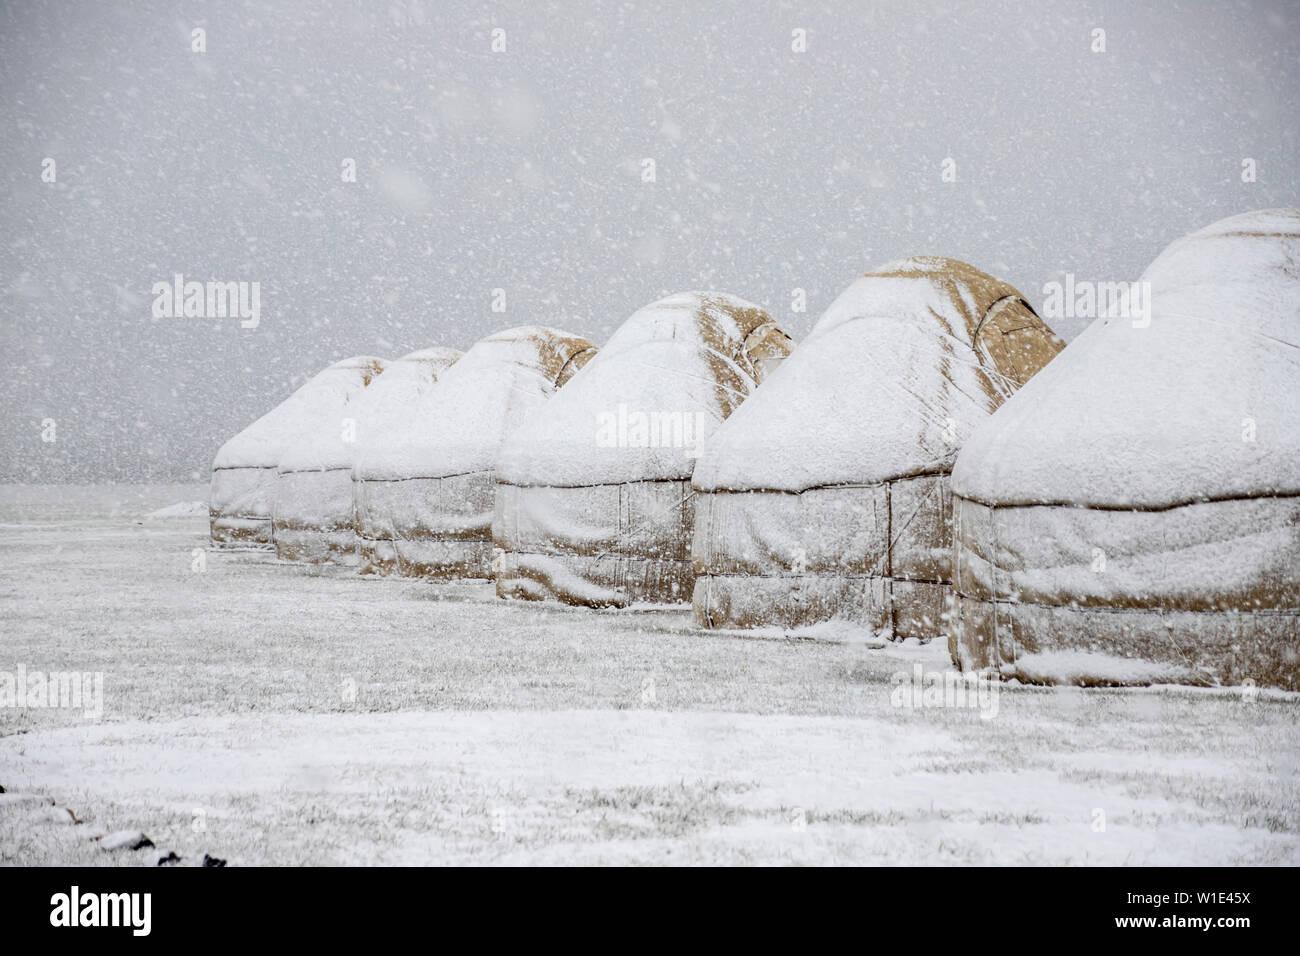 Yourte sous la neige au milieu d'un champ couvert de neige. transport Kirghizistan. Banque D'Images